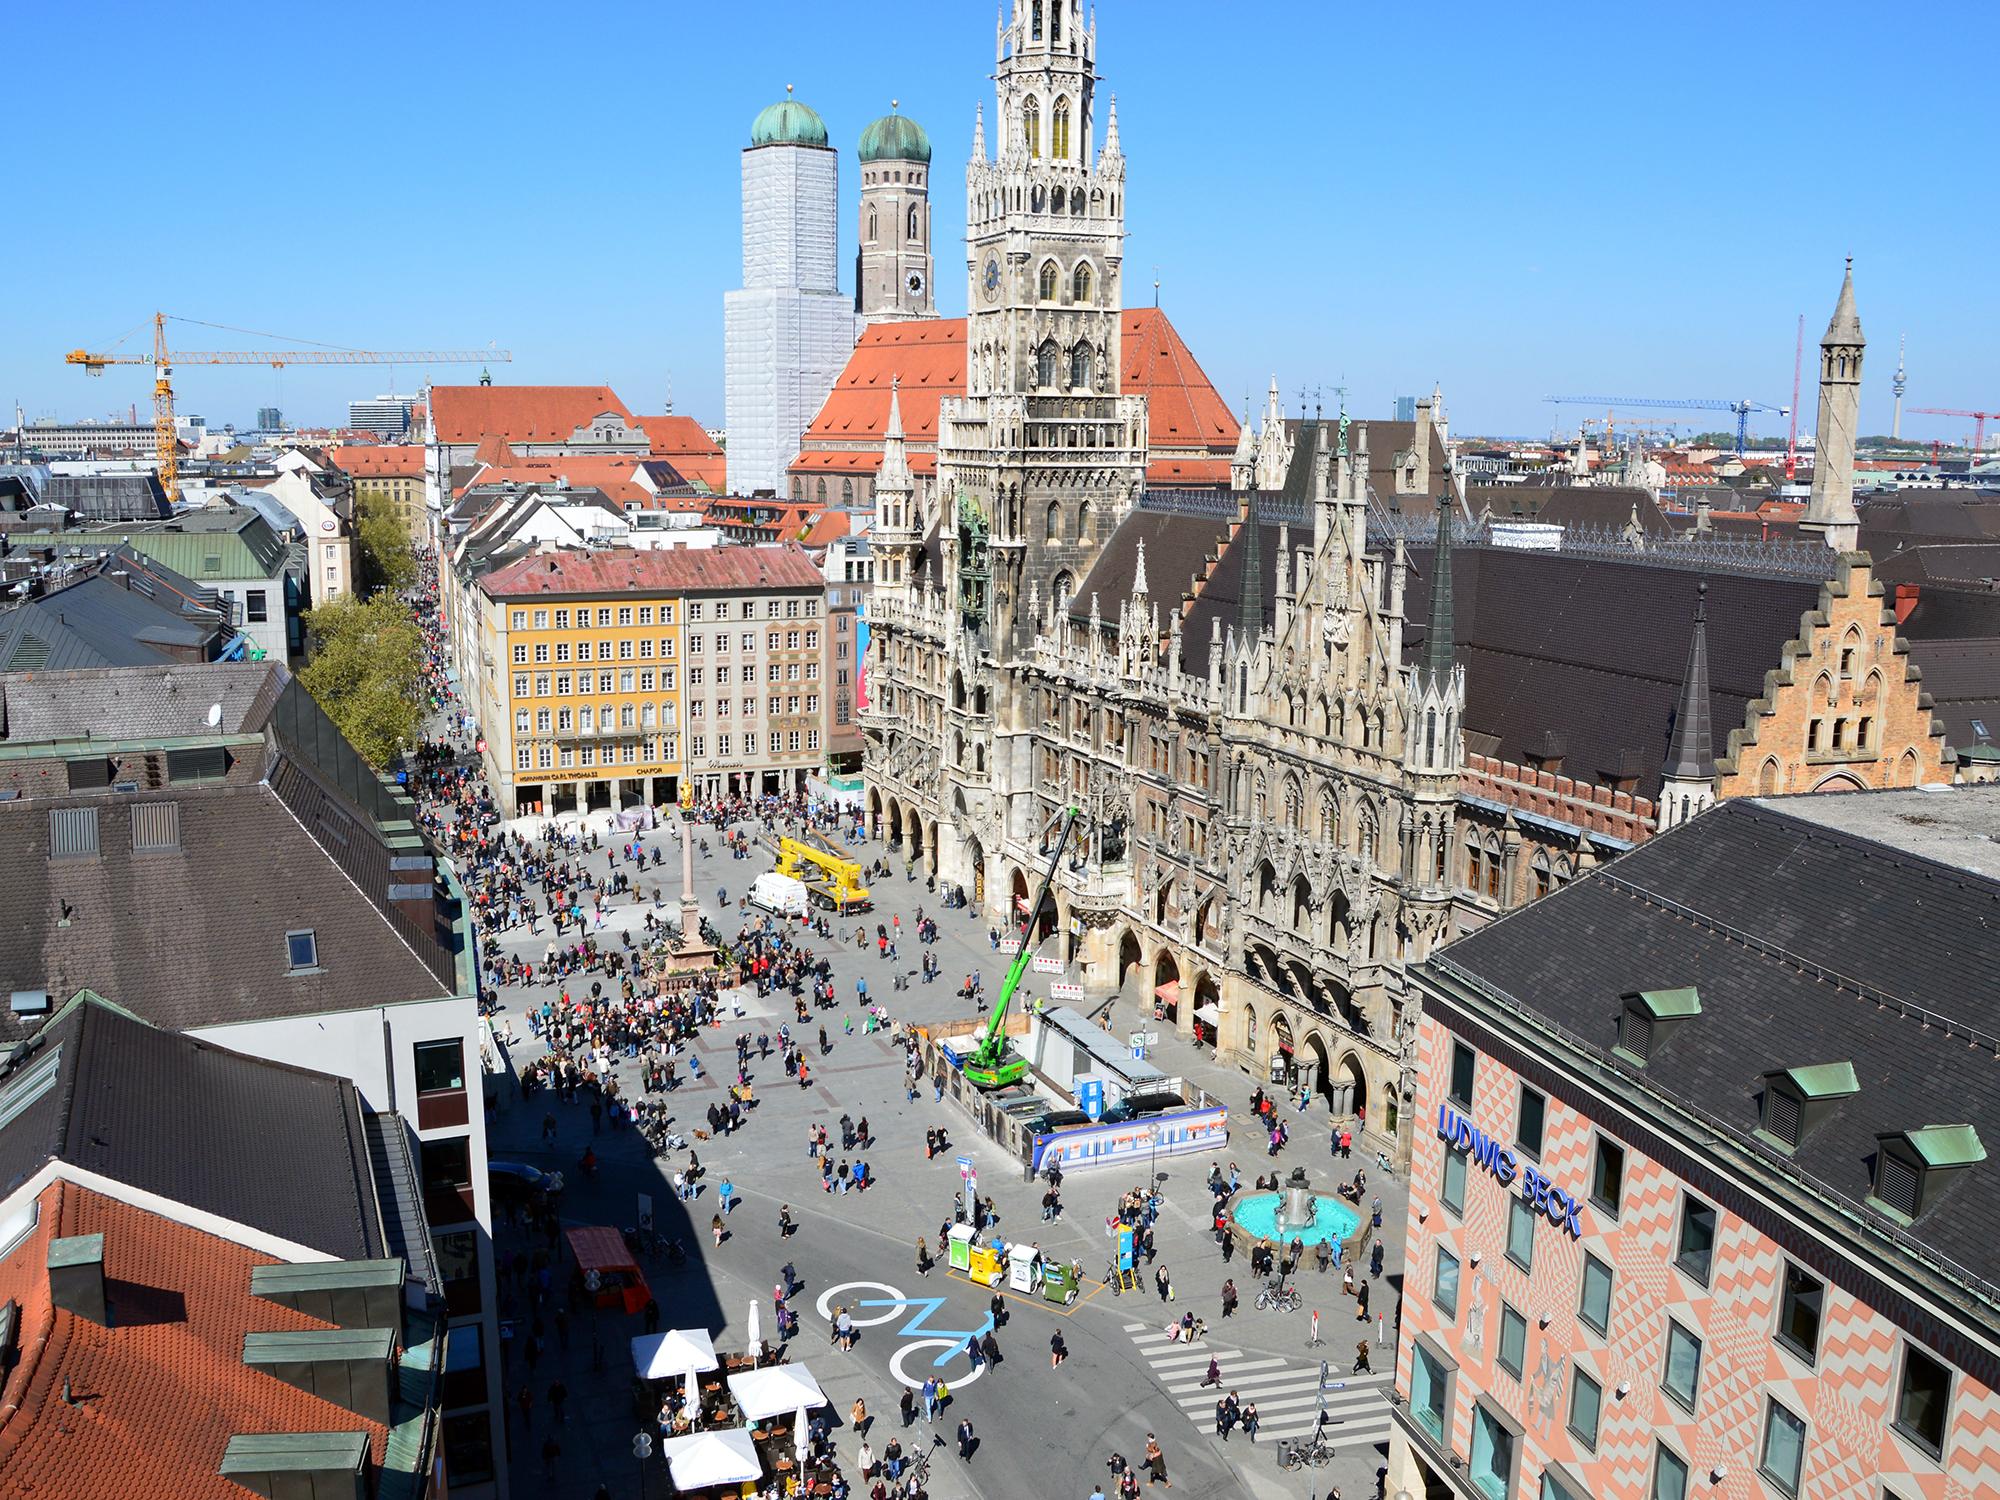 мюнхен город фотографии печатается натуральном хлопковом